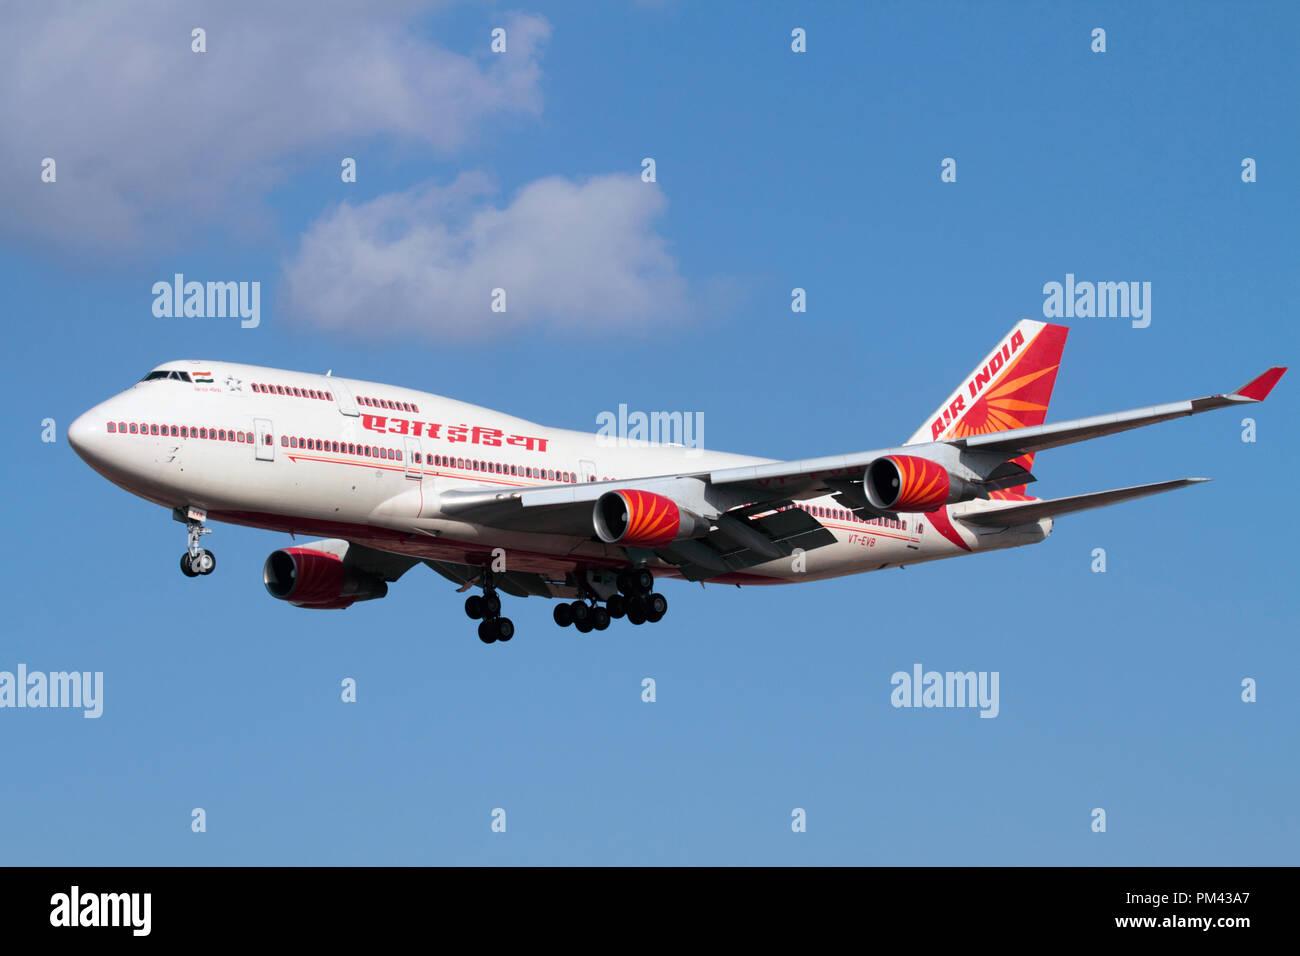 Air India Boeing 747-400 Jumbo jet avión que volaba sobre el enfoque. Los viajes aéreos de larga distancia. Foto de stock